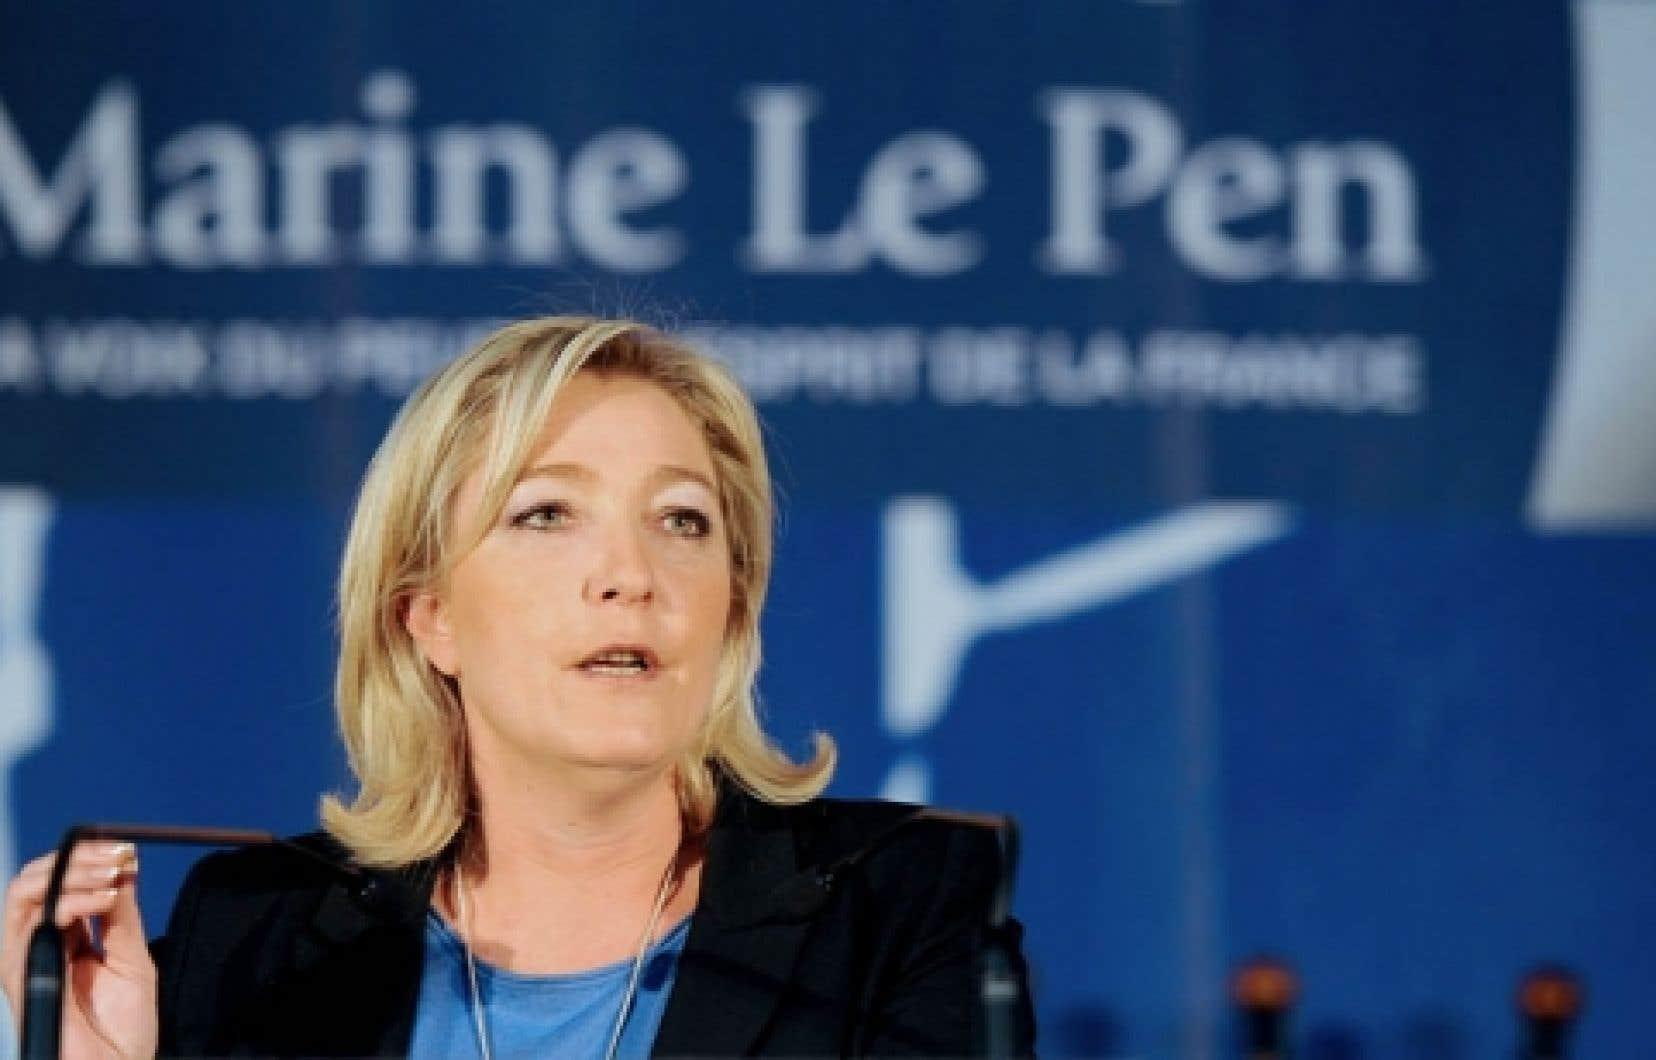 La candidate de l'extrême droite à la présidentielle française, Marine Le Pen, en campagne dans le nord de la France dimanche dernier. Son objectif: dédiaboliser le Front national.<br />